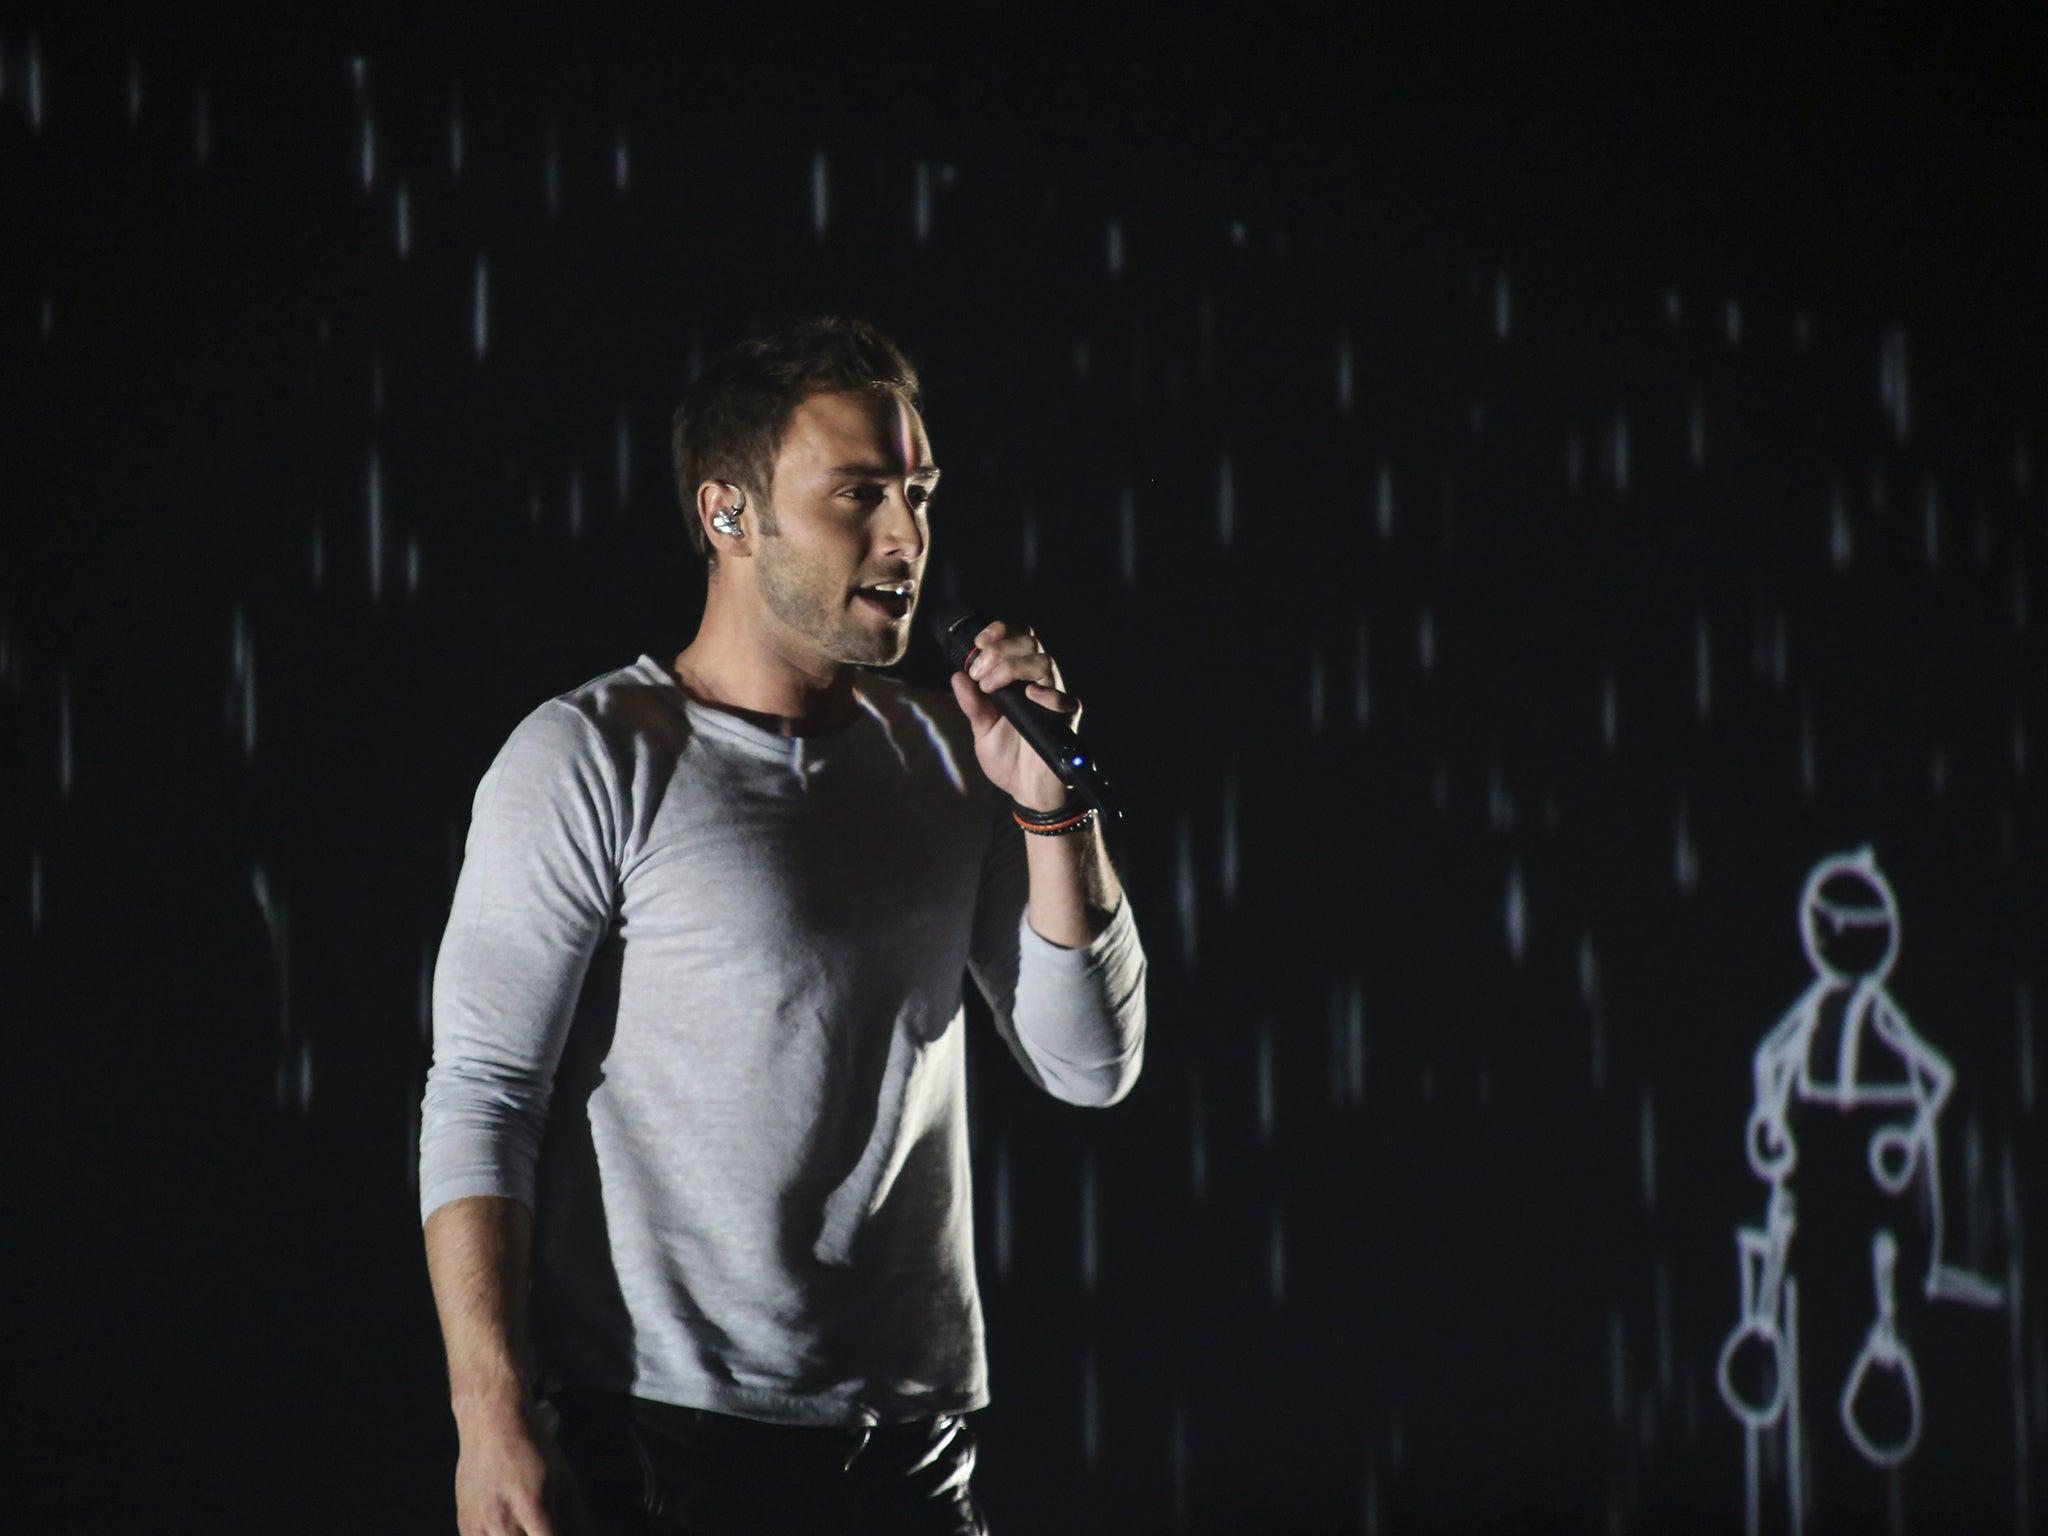 Eurovision = mange tekniske fejl